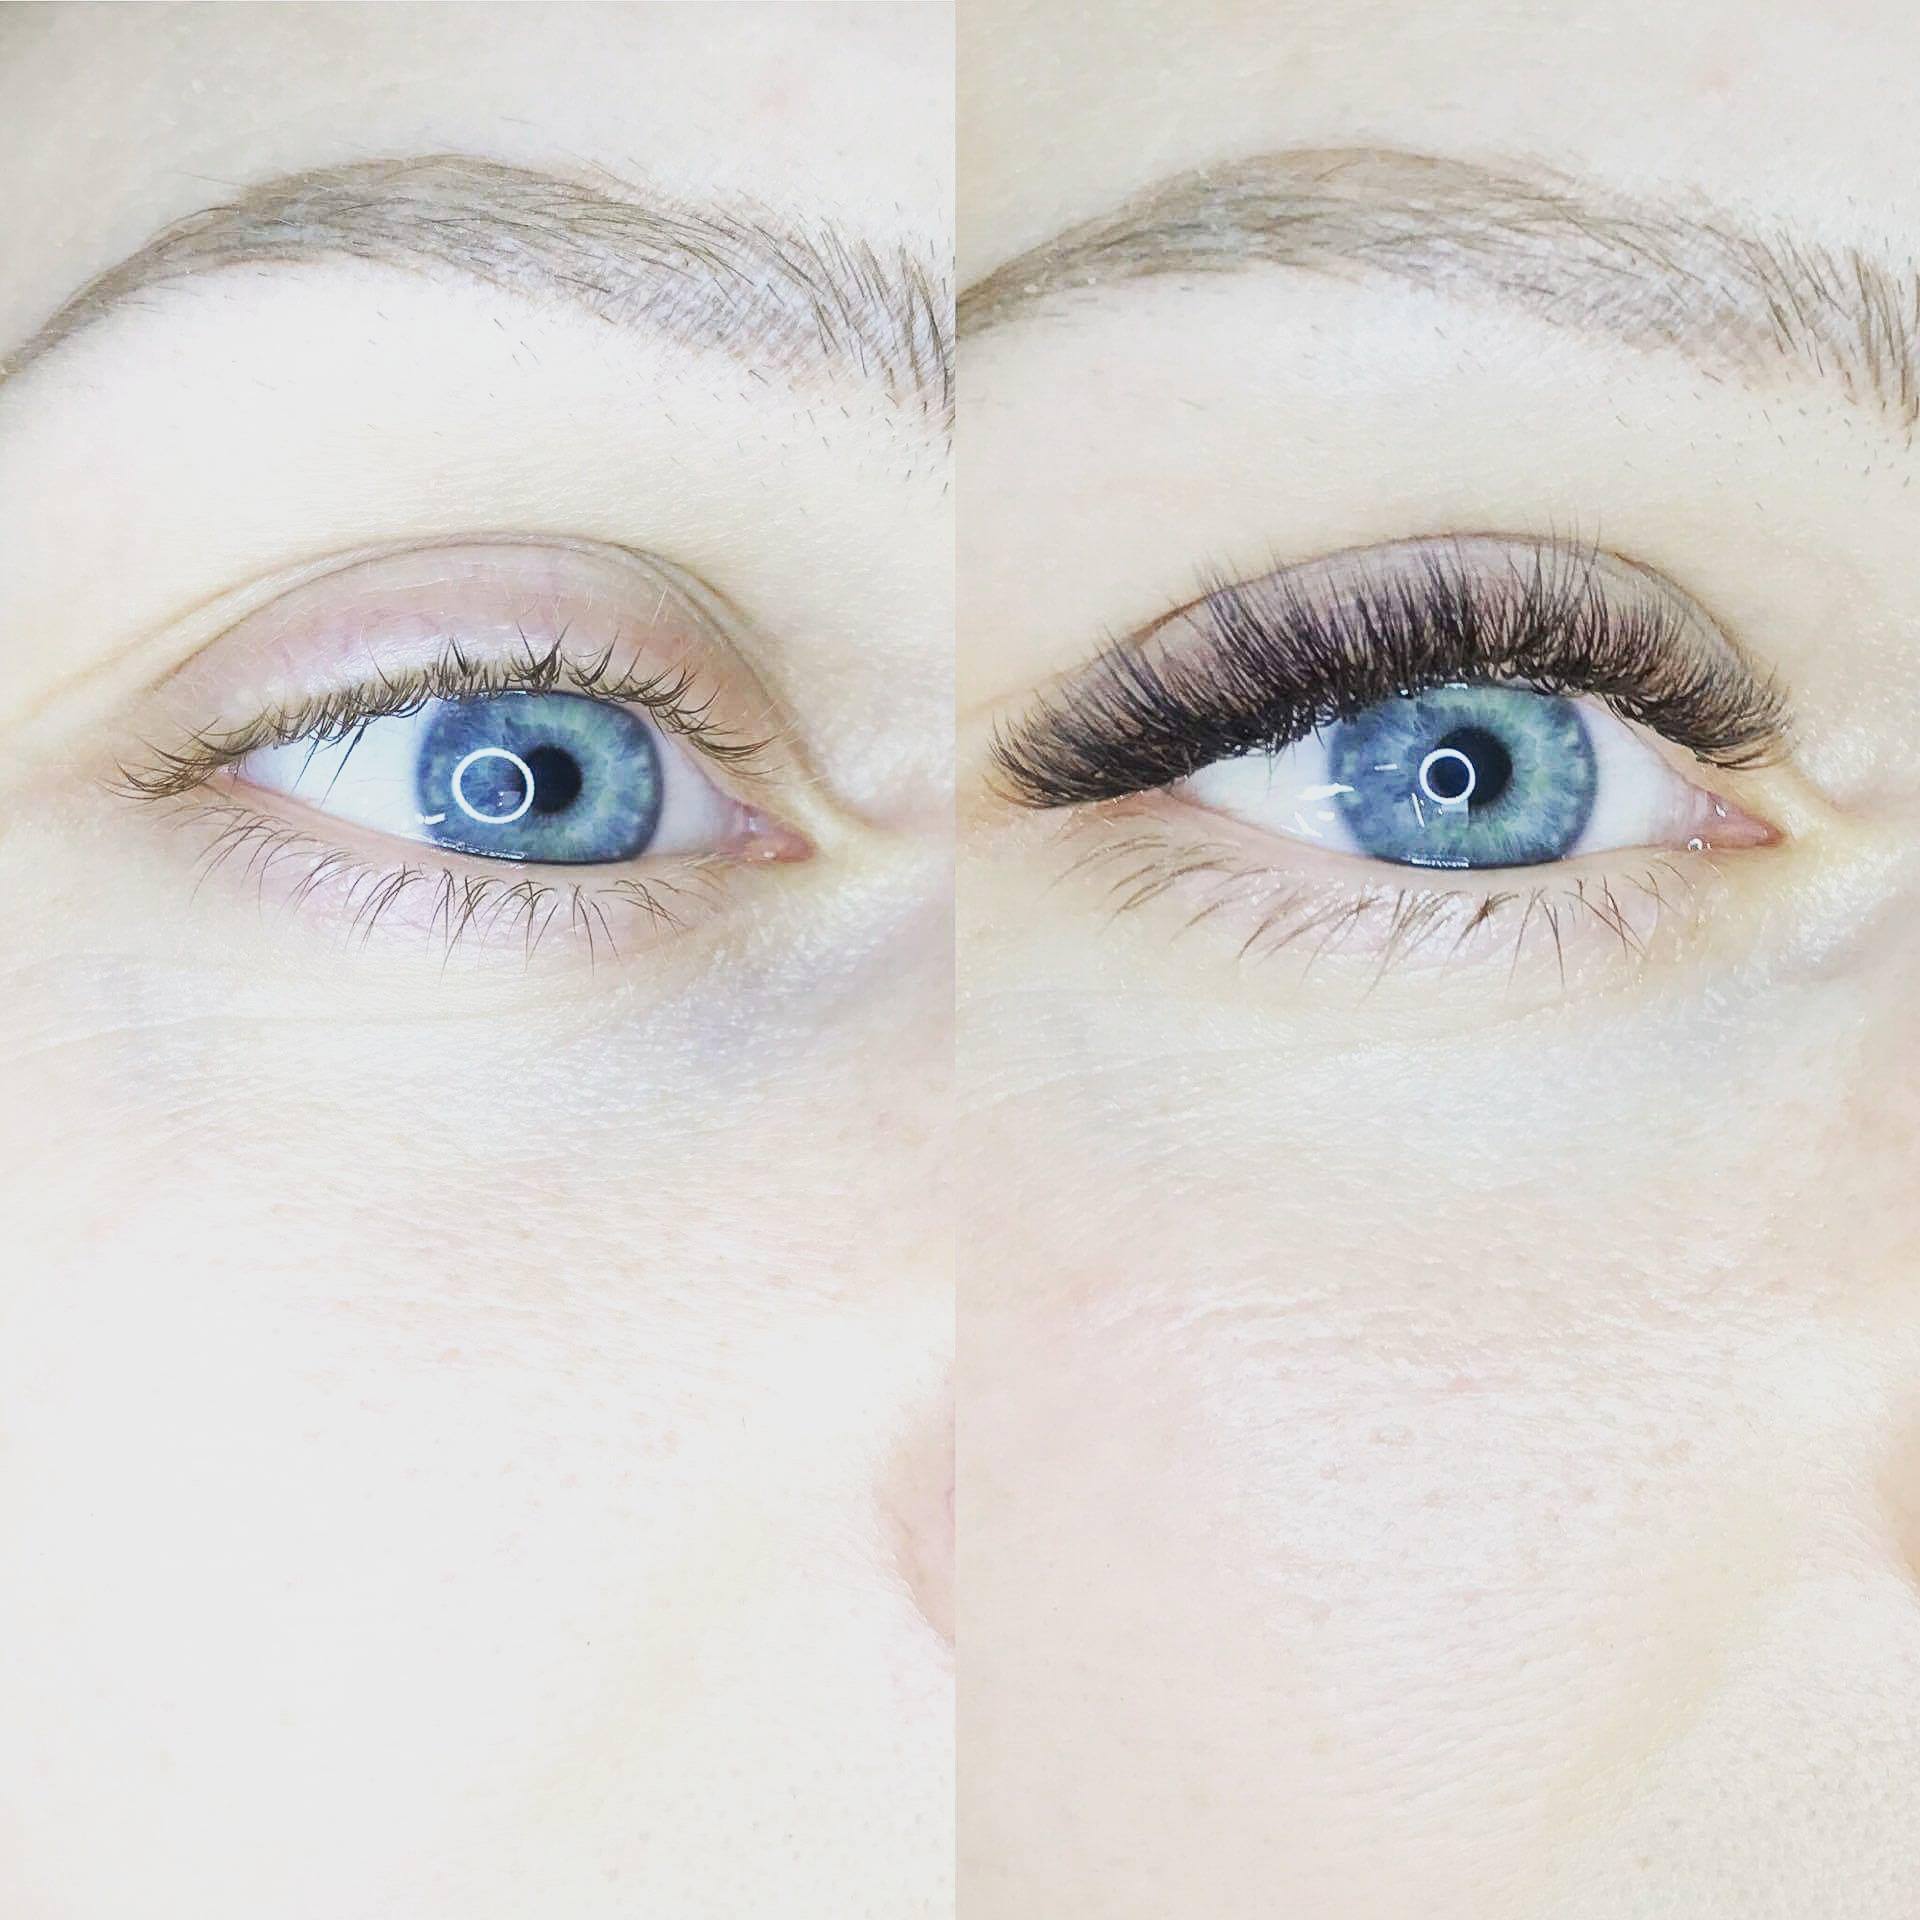 hur fort växer ögonfransar